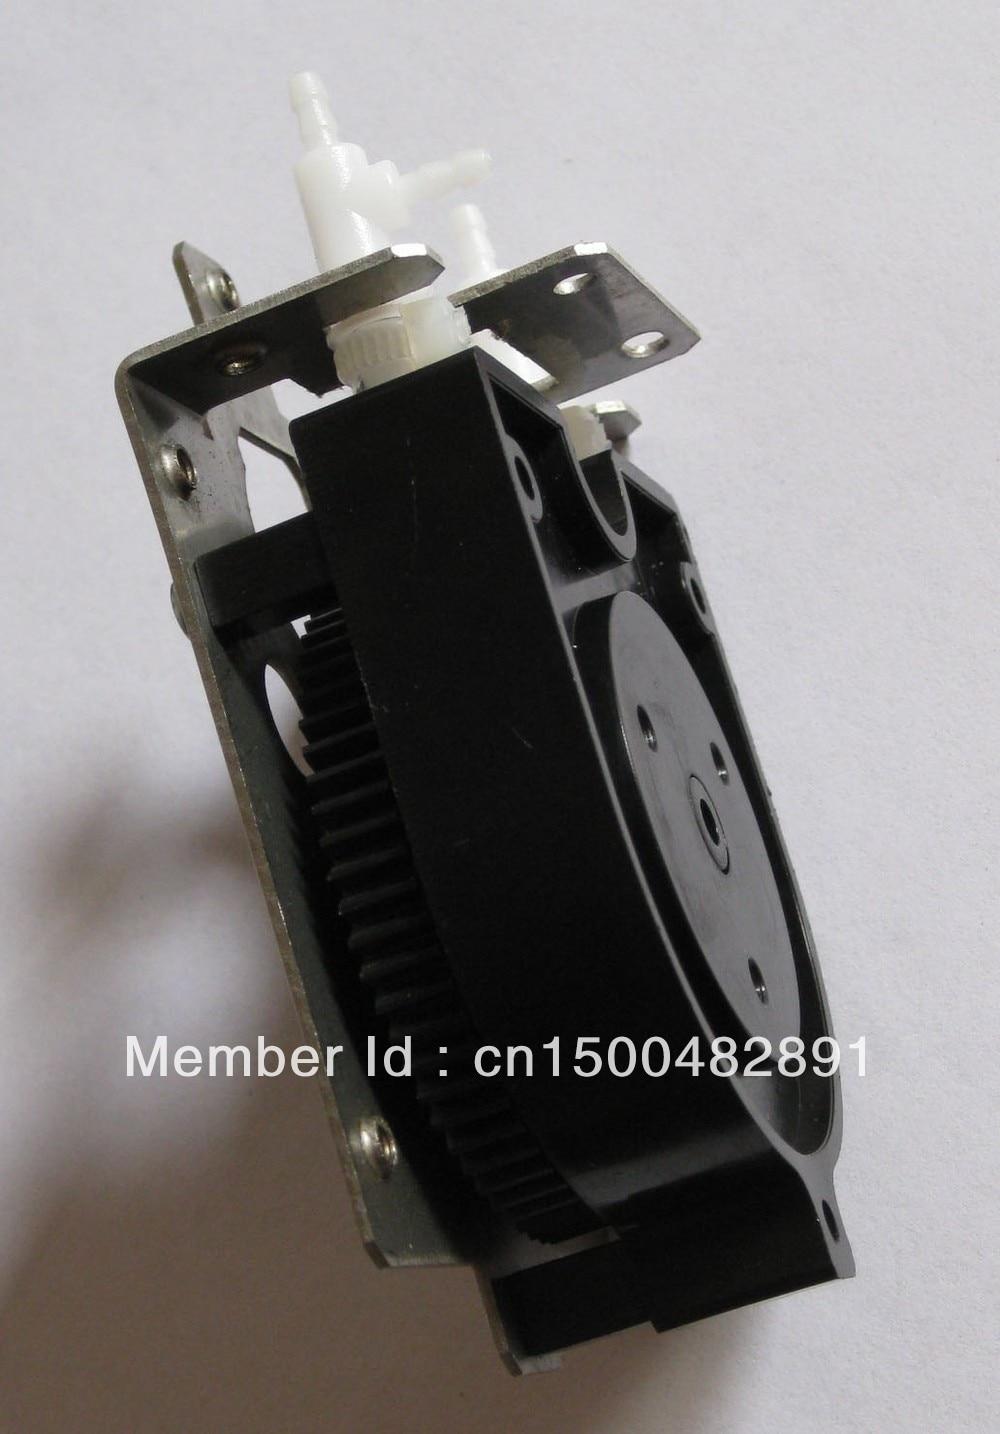 Bomba tipo U para impresoras de la serie Roland SP/XC/VP/RS-in Piezas de impresora from Ordenadores y oficina on AliExpress - 11.11_Double 11_Singles' Day 1